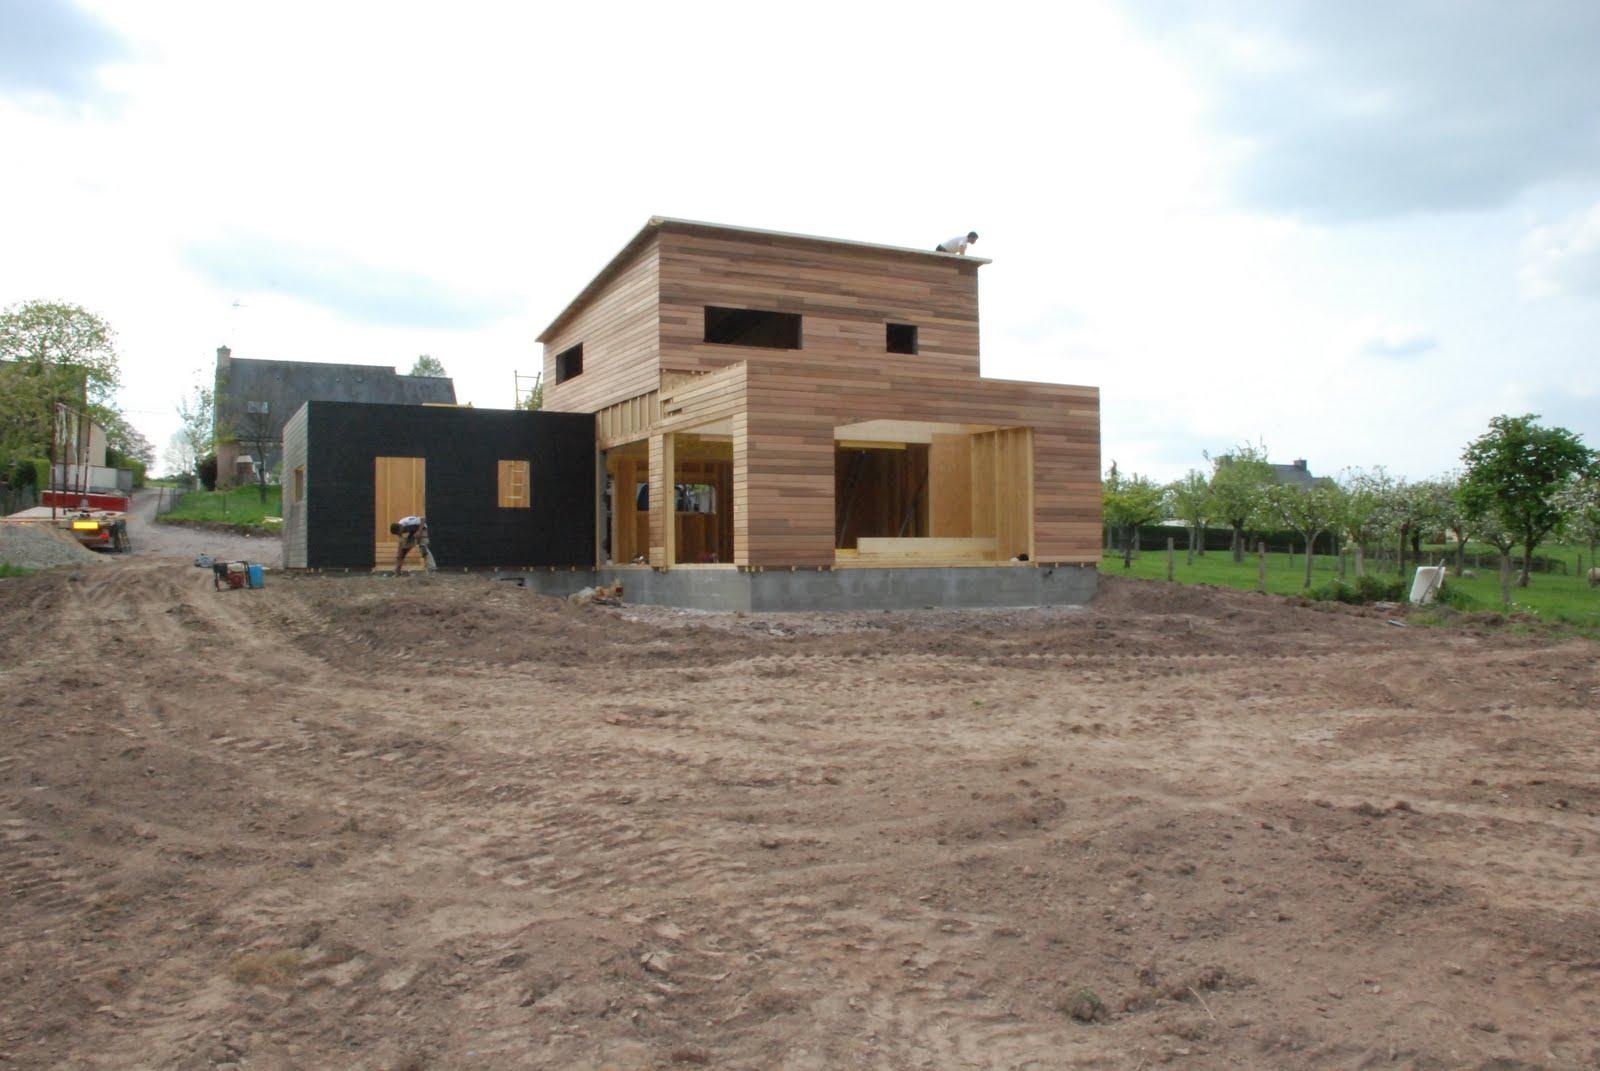 Construction maison individuelle bois la pose de l 39 ossature r alis e d - Maison de la tendance ...